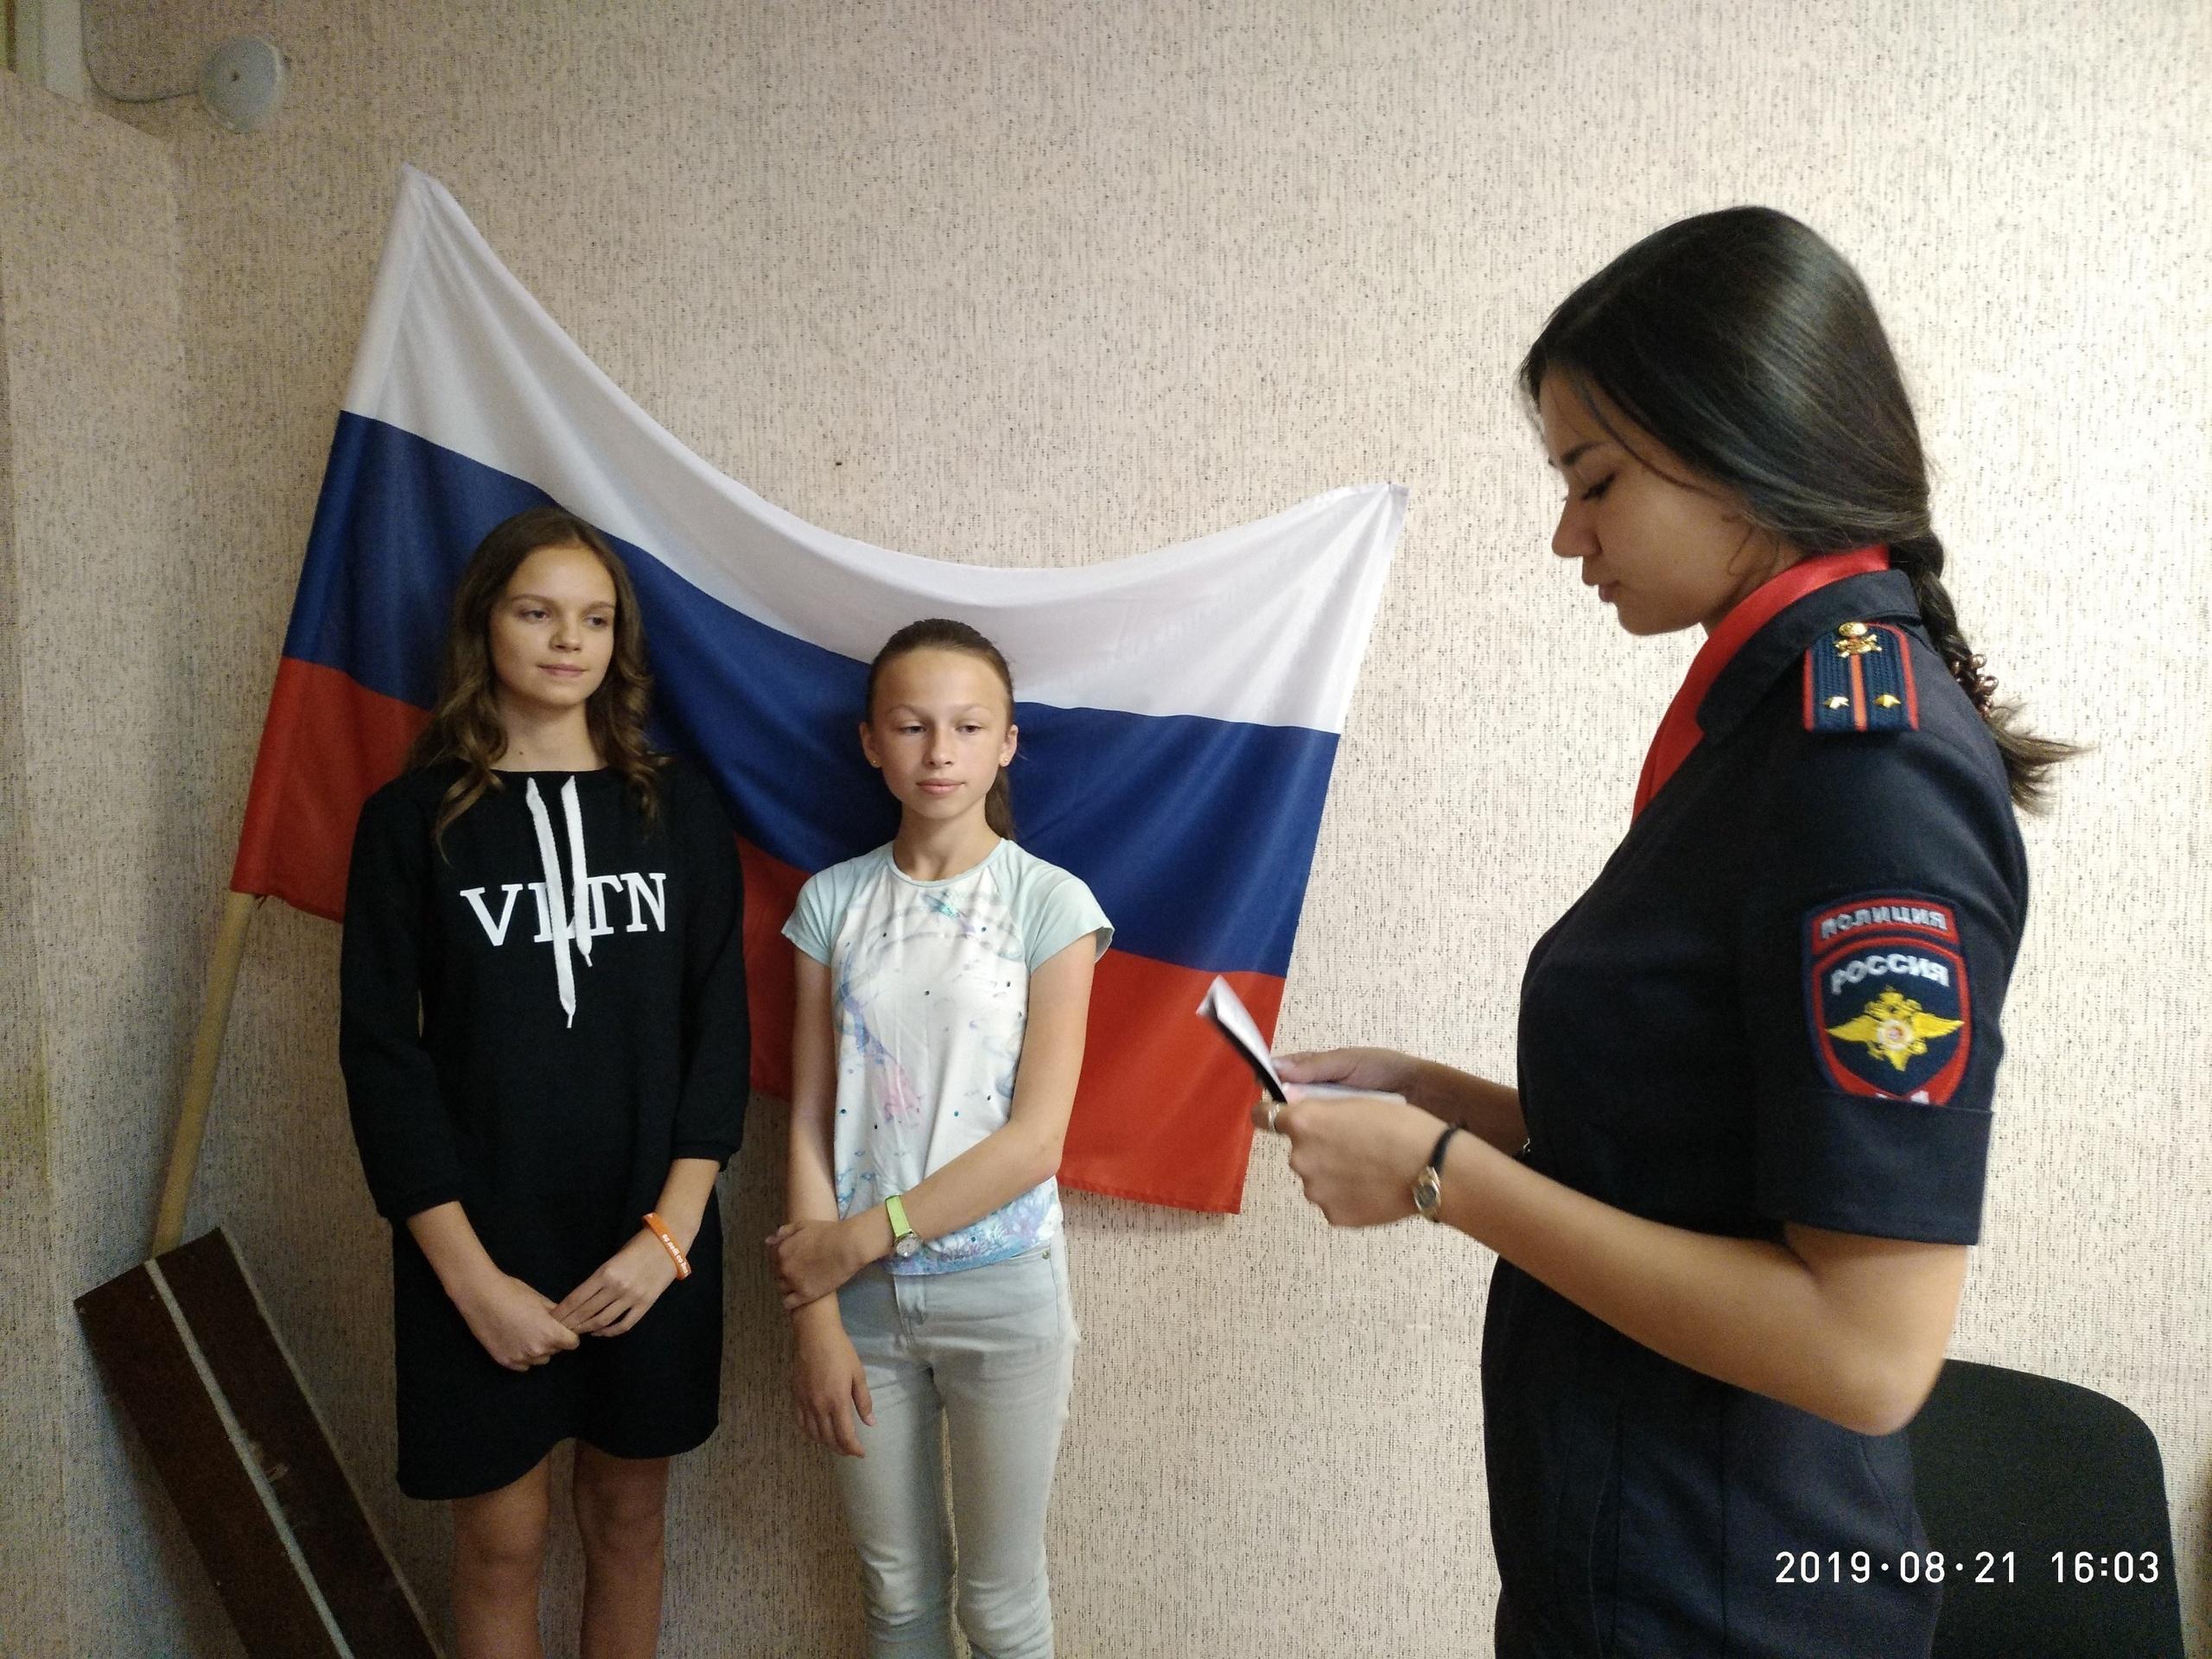 Юным трехгорненцам вручили паспорта в торжественной обстановке